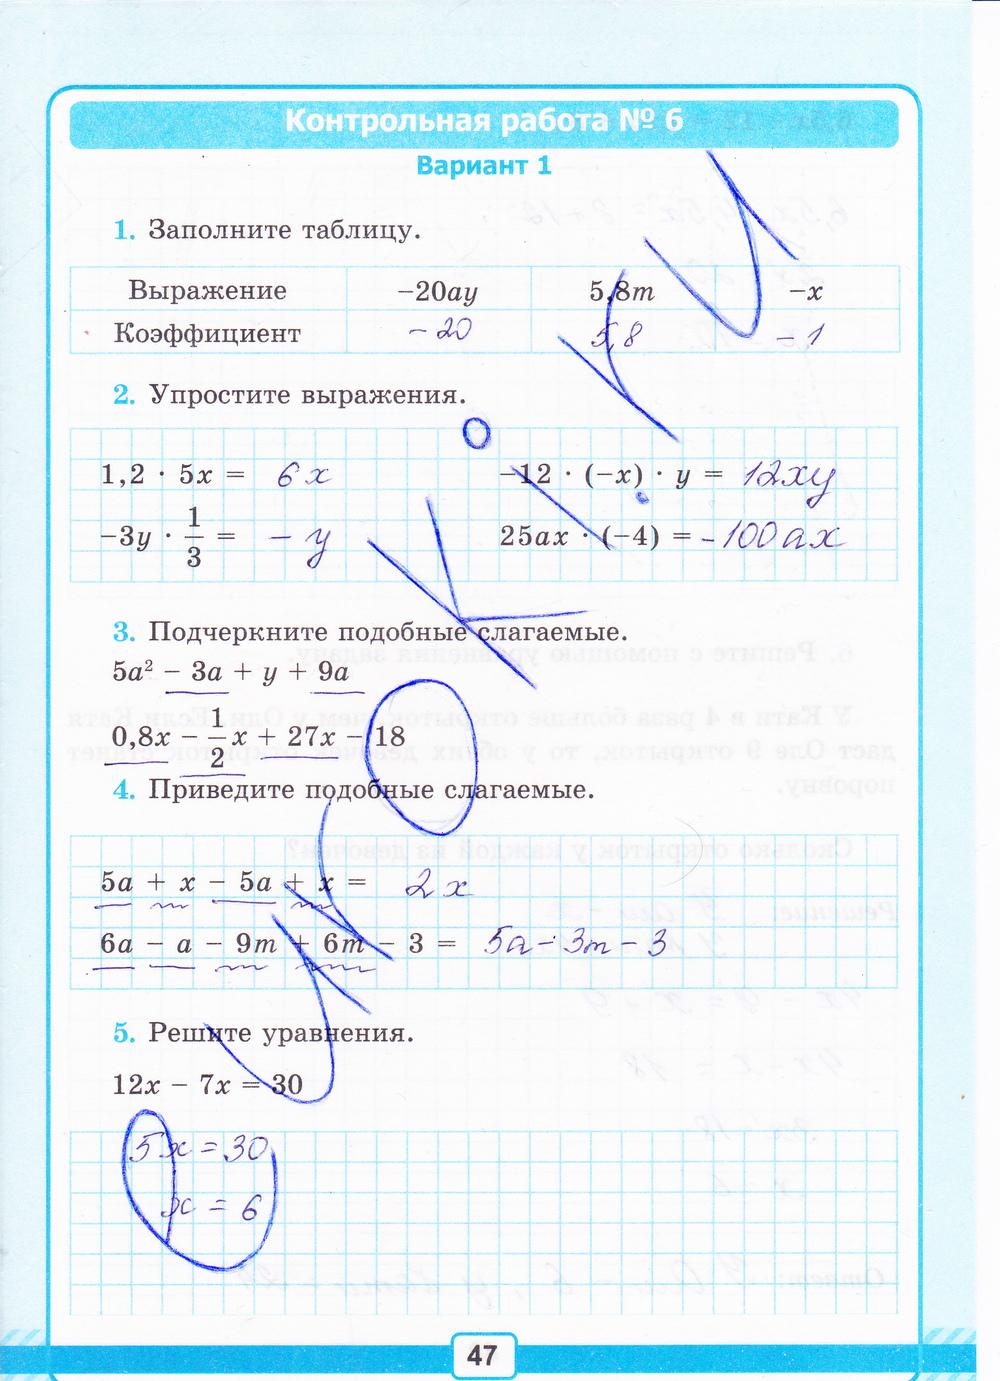 гдз по математике 6 класс тетрадь для контрольных работ 1 рудницкая